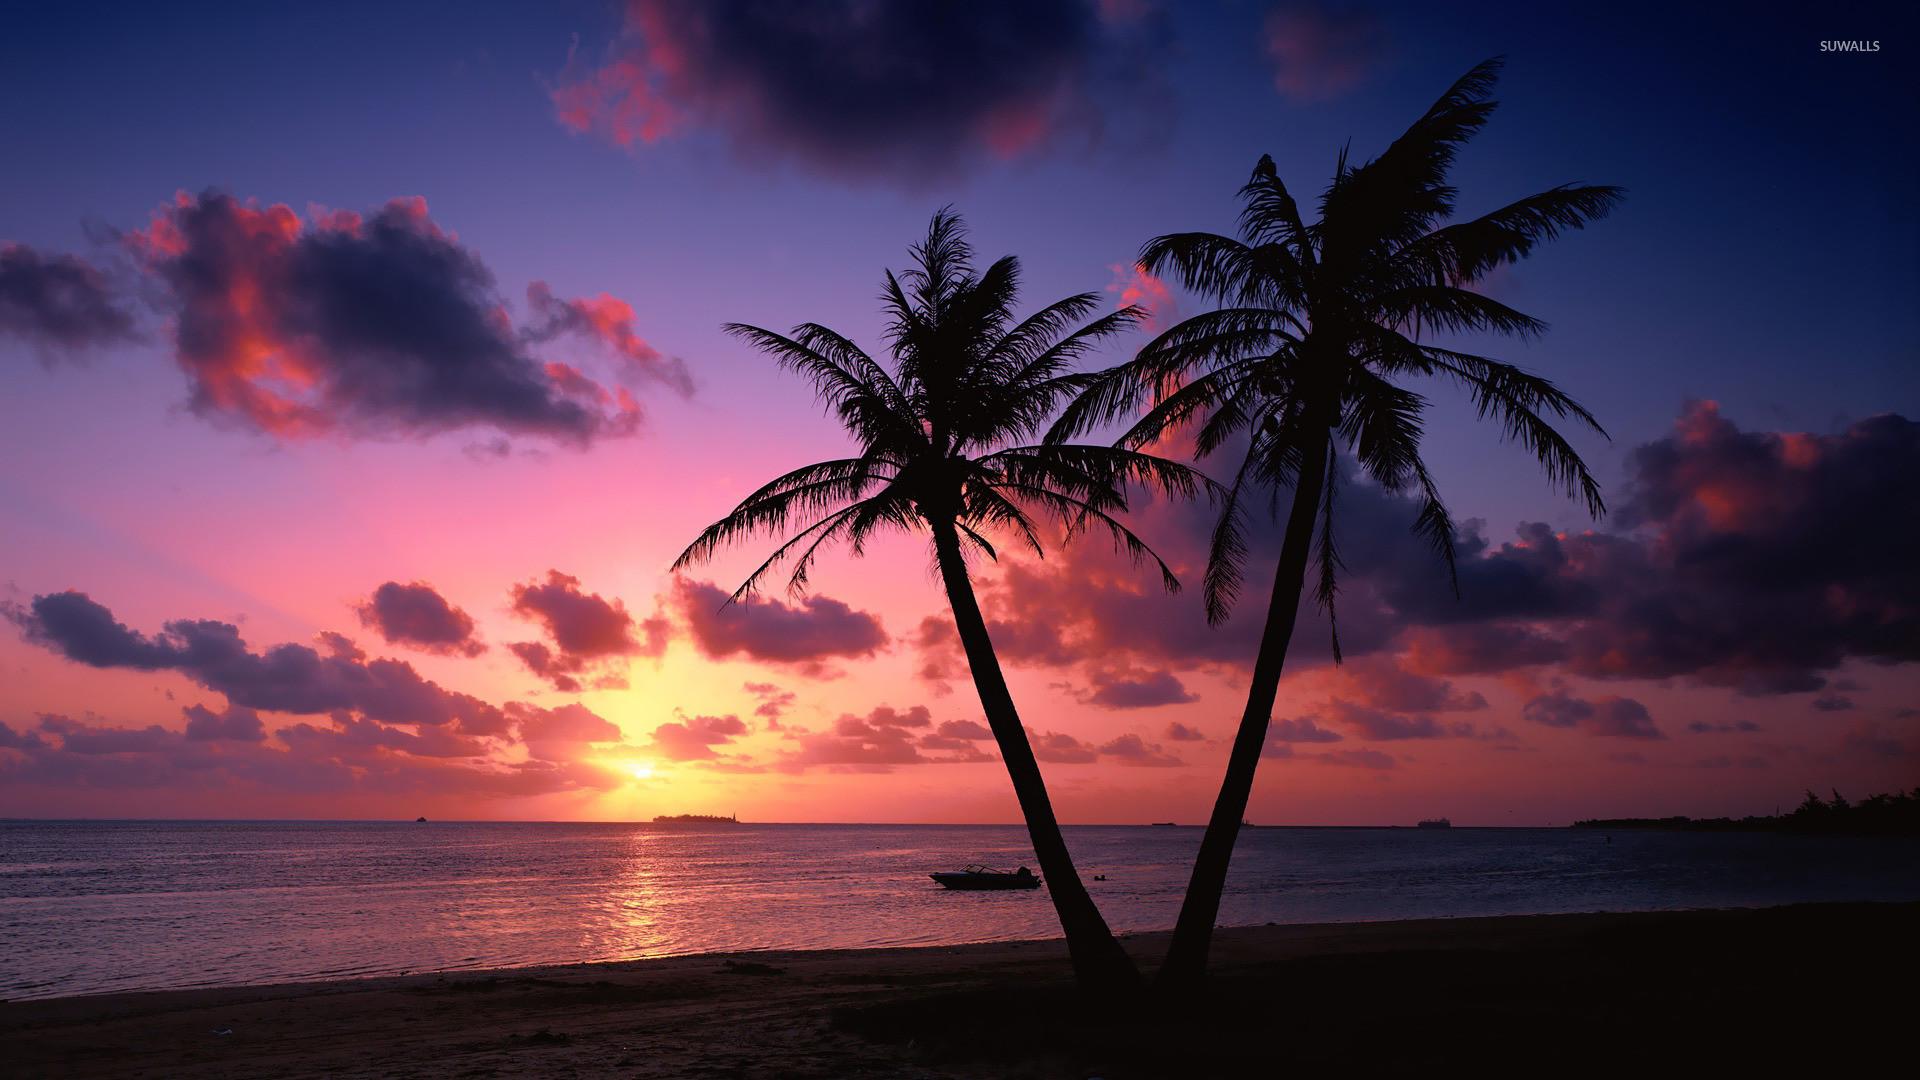 1920x1080 Sunset Palm Trees Wallpaper 1920A 1080 Beach Wallpapers 32